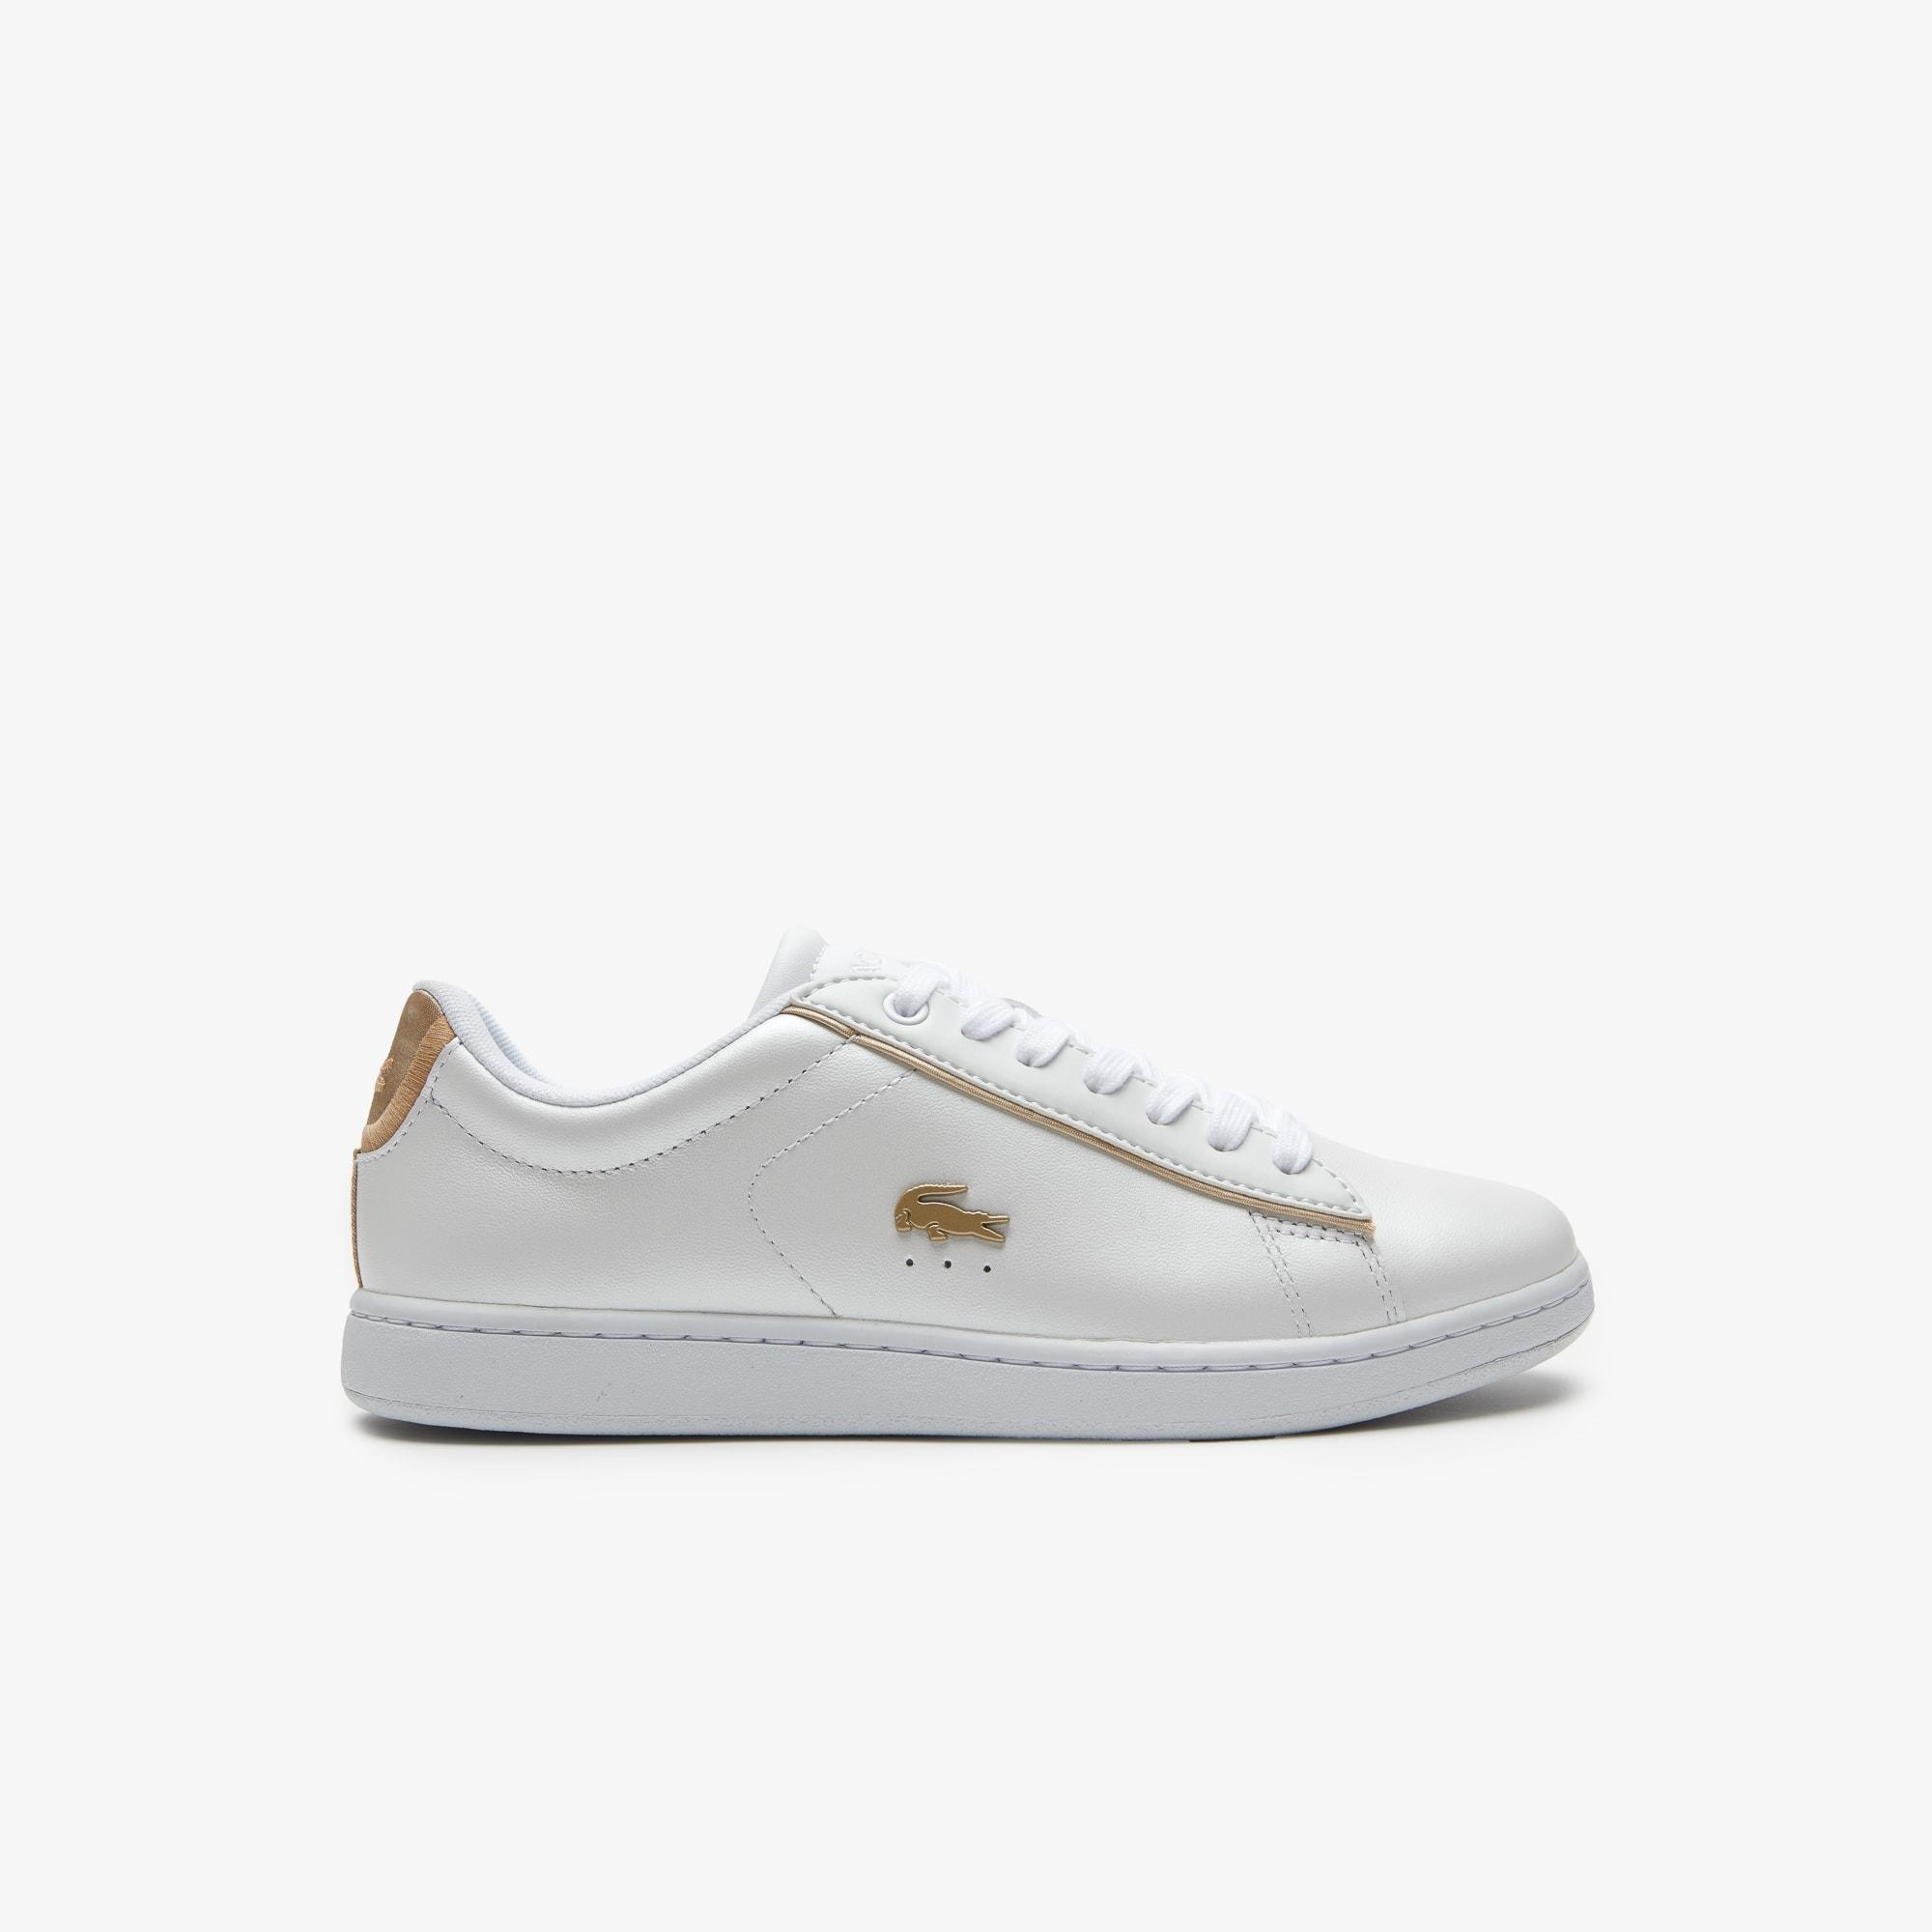 03484544c68702 Damen-Sneakers CARNABY EVO aus Leder mit Perlglanz-Effekt